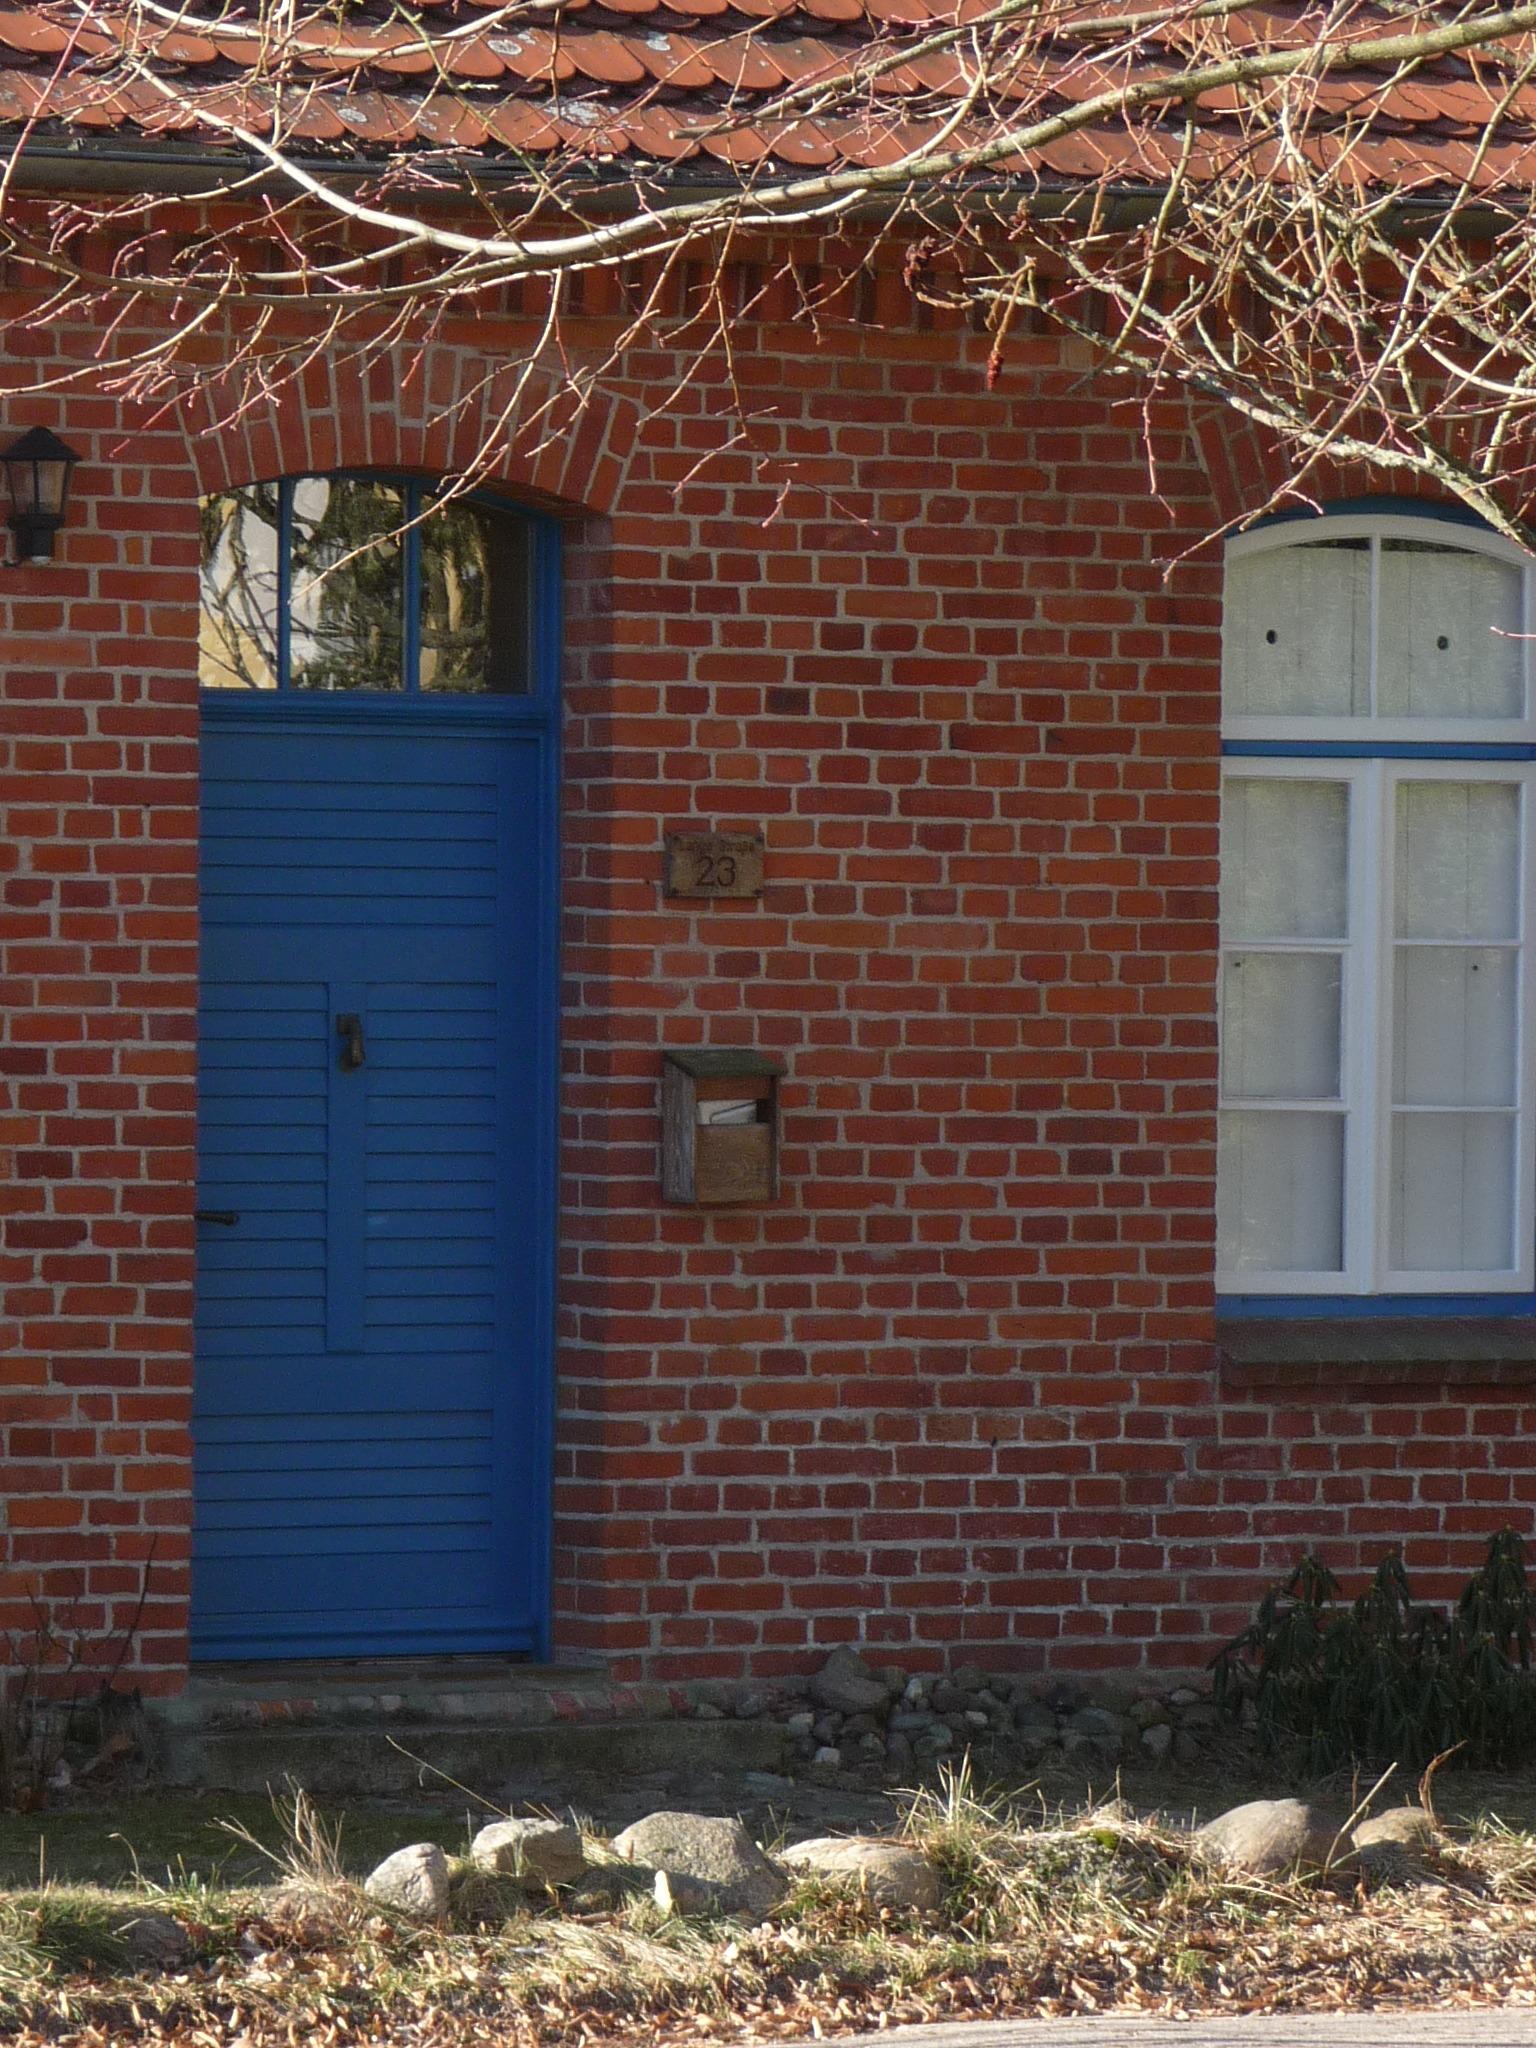 Fotos gratis madera ventana antiguo pared cobertizo caba a patio interior fachada - Ley propiedad horizontal patio interior ...